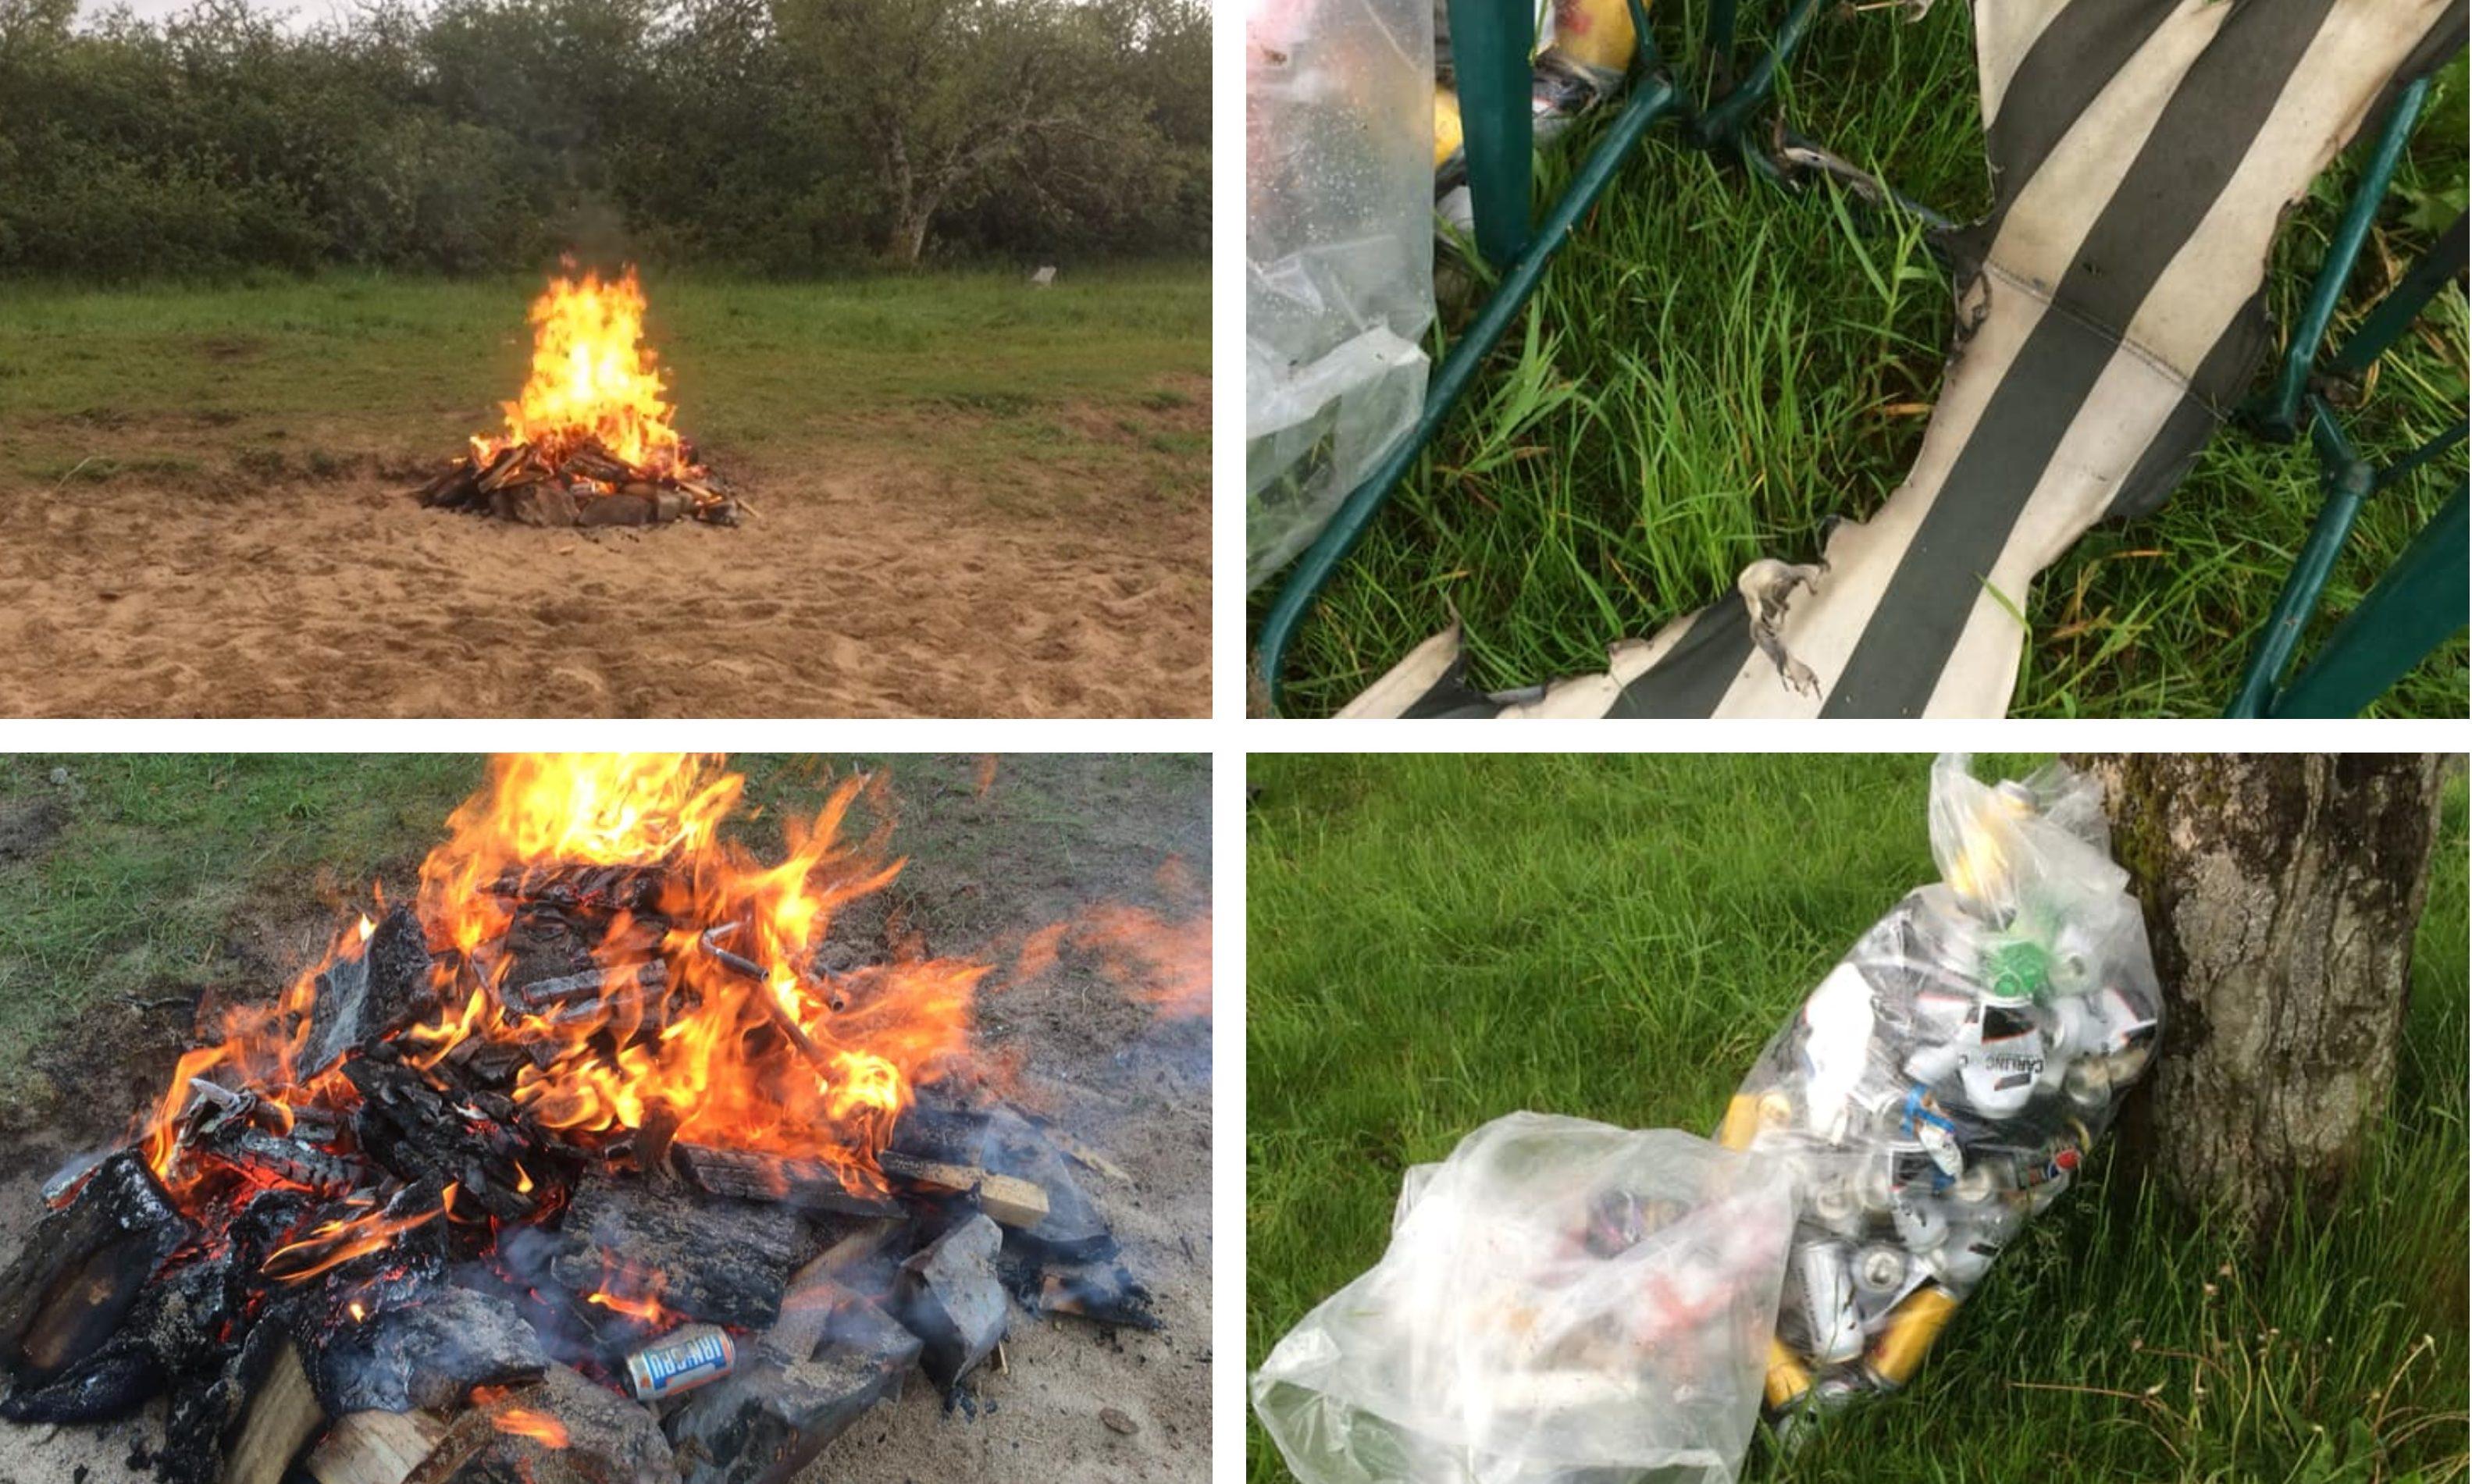 Mess/fire left behind at Loch Rannoch.